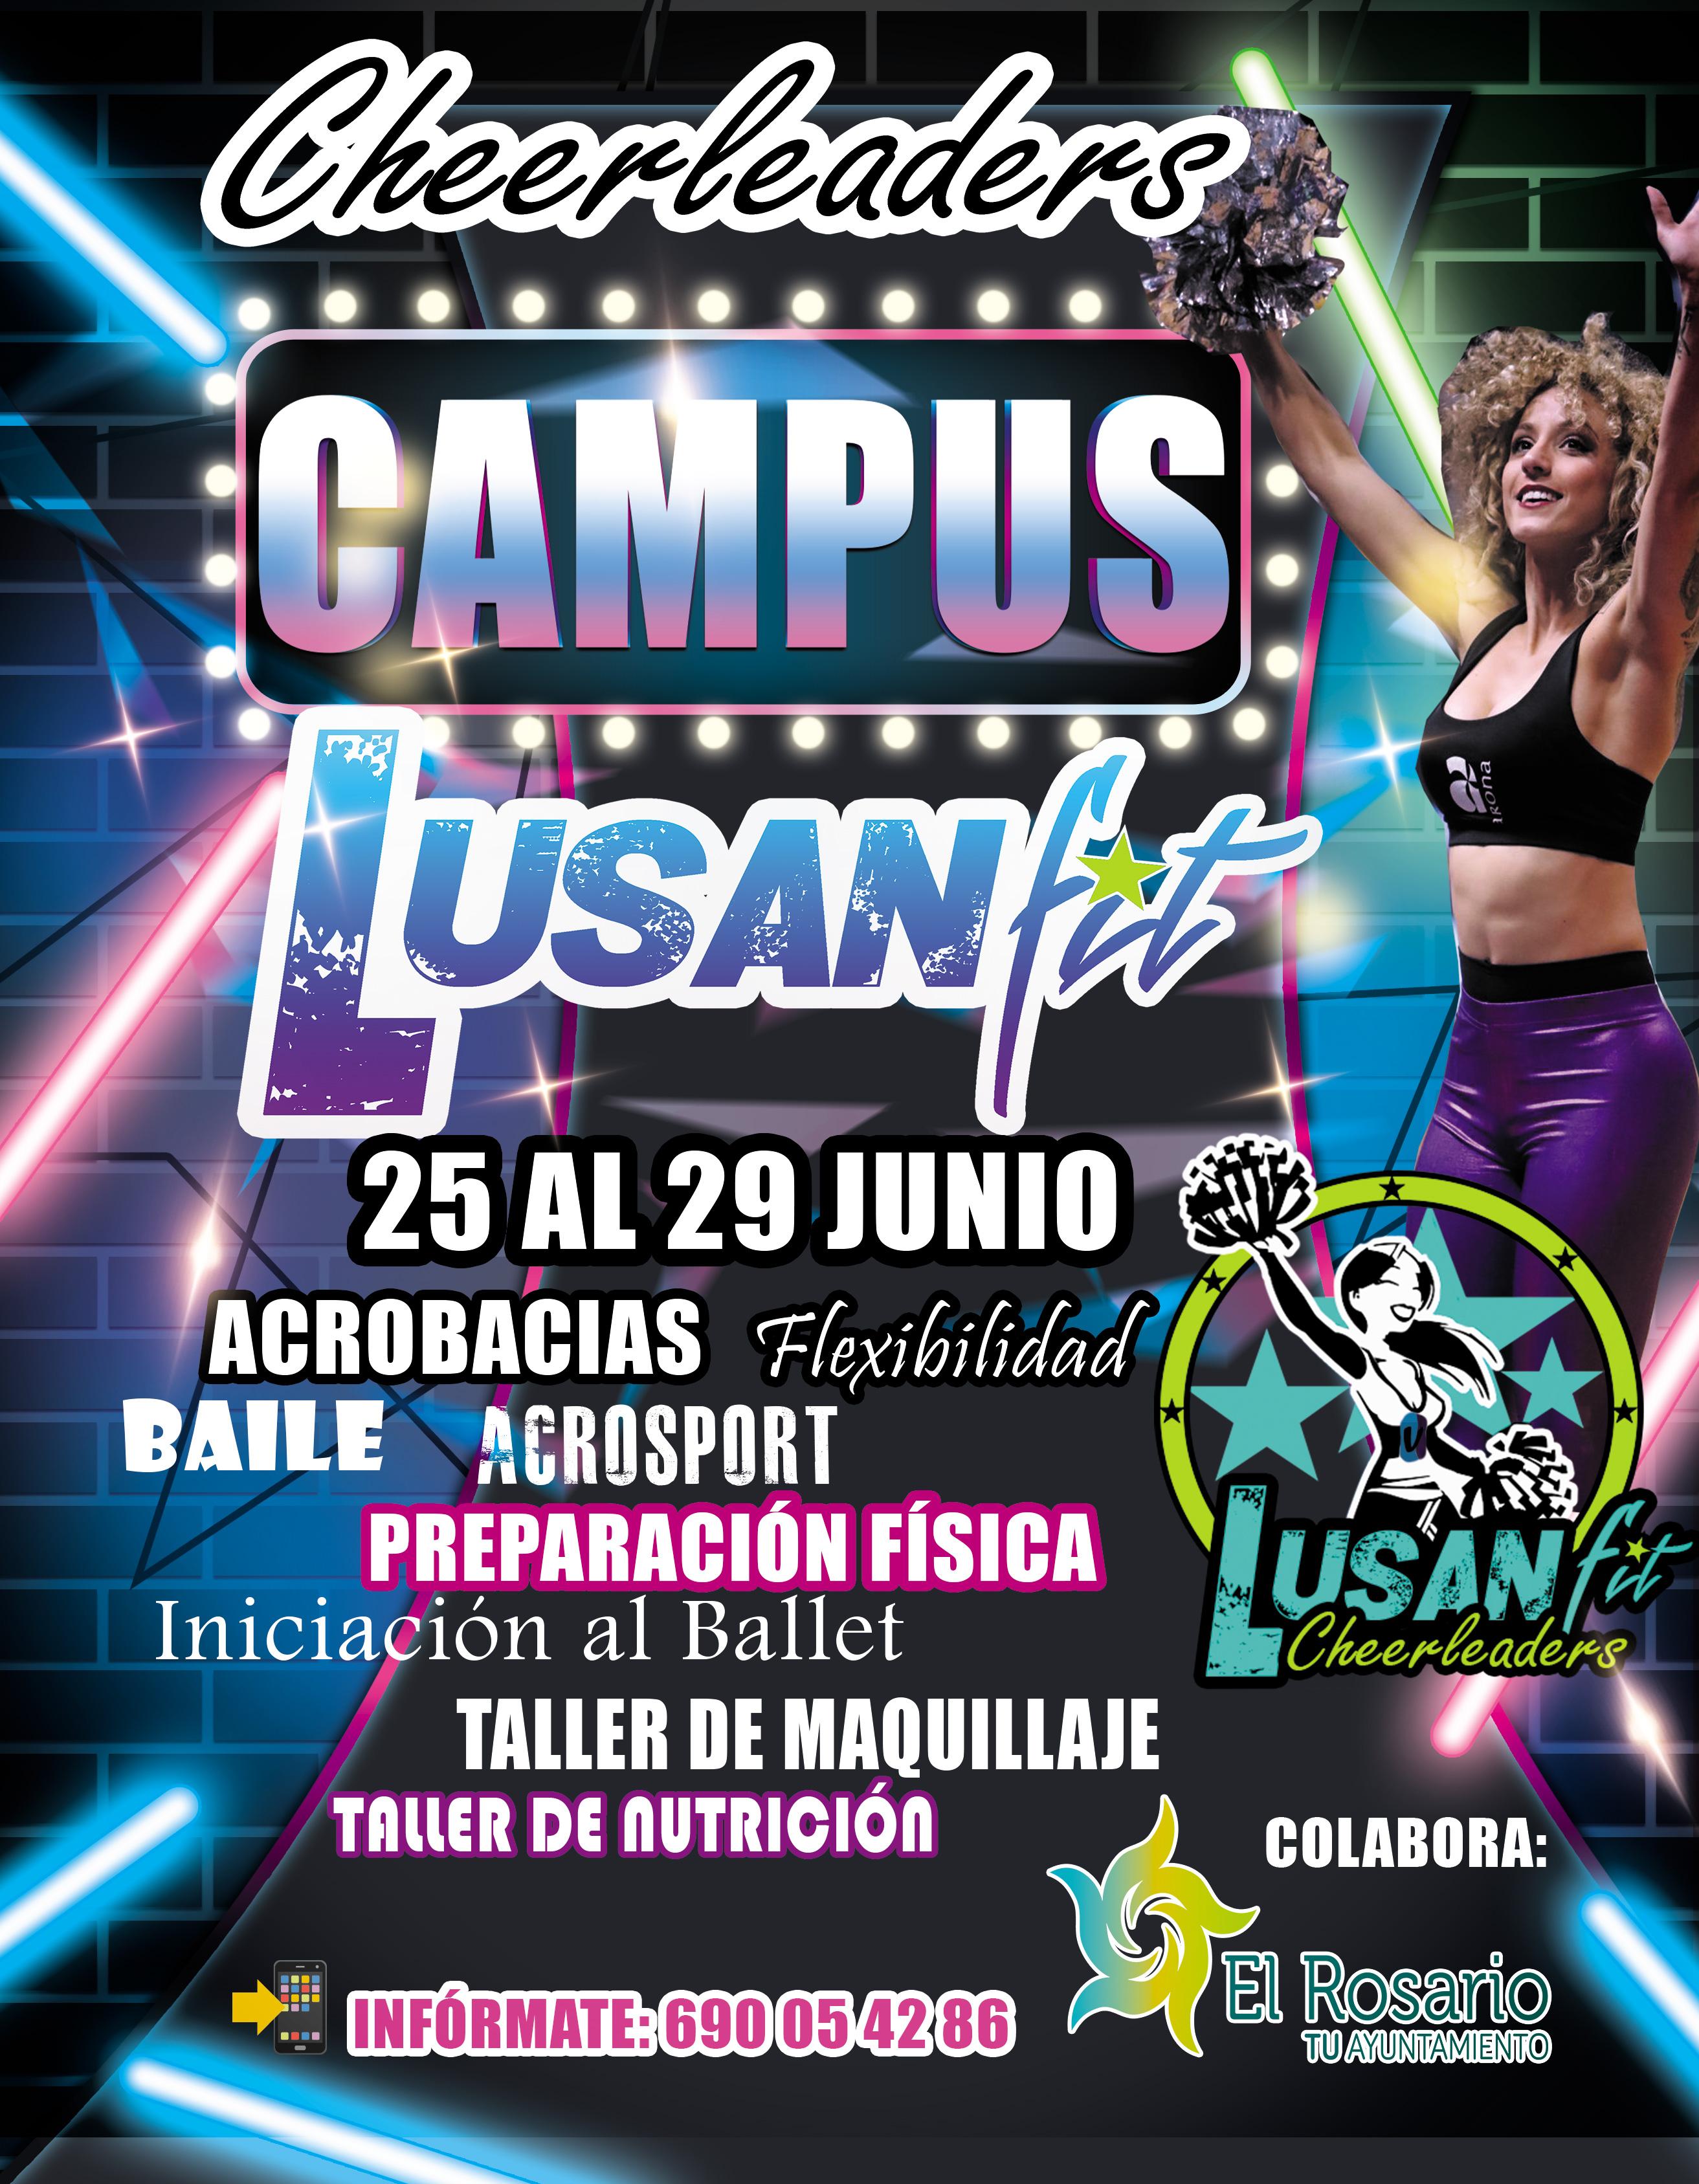 Campus-Cheerleaders-LusanFit